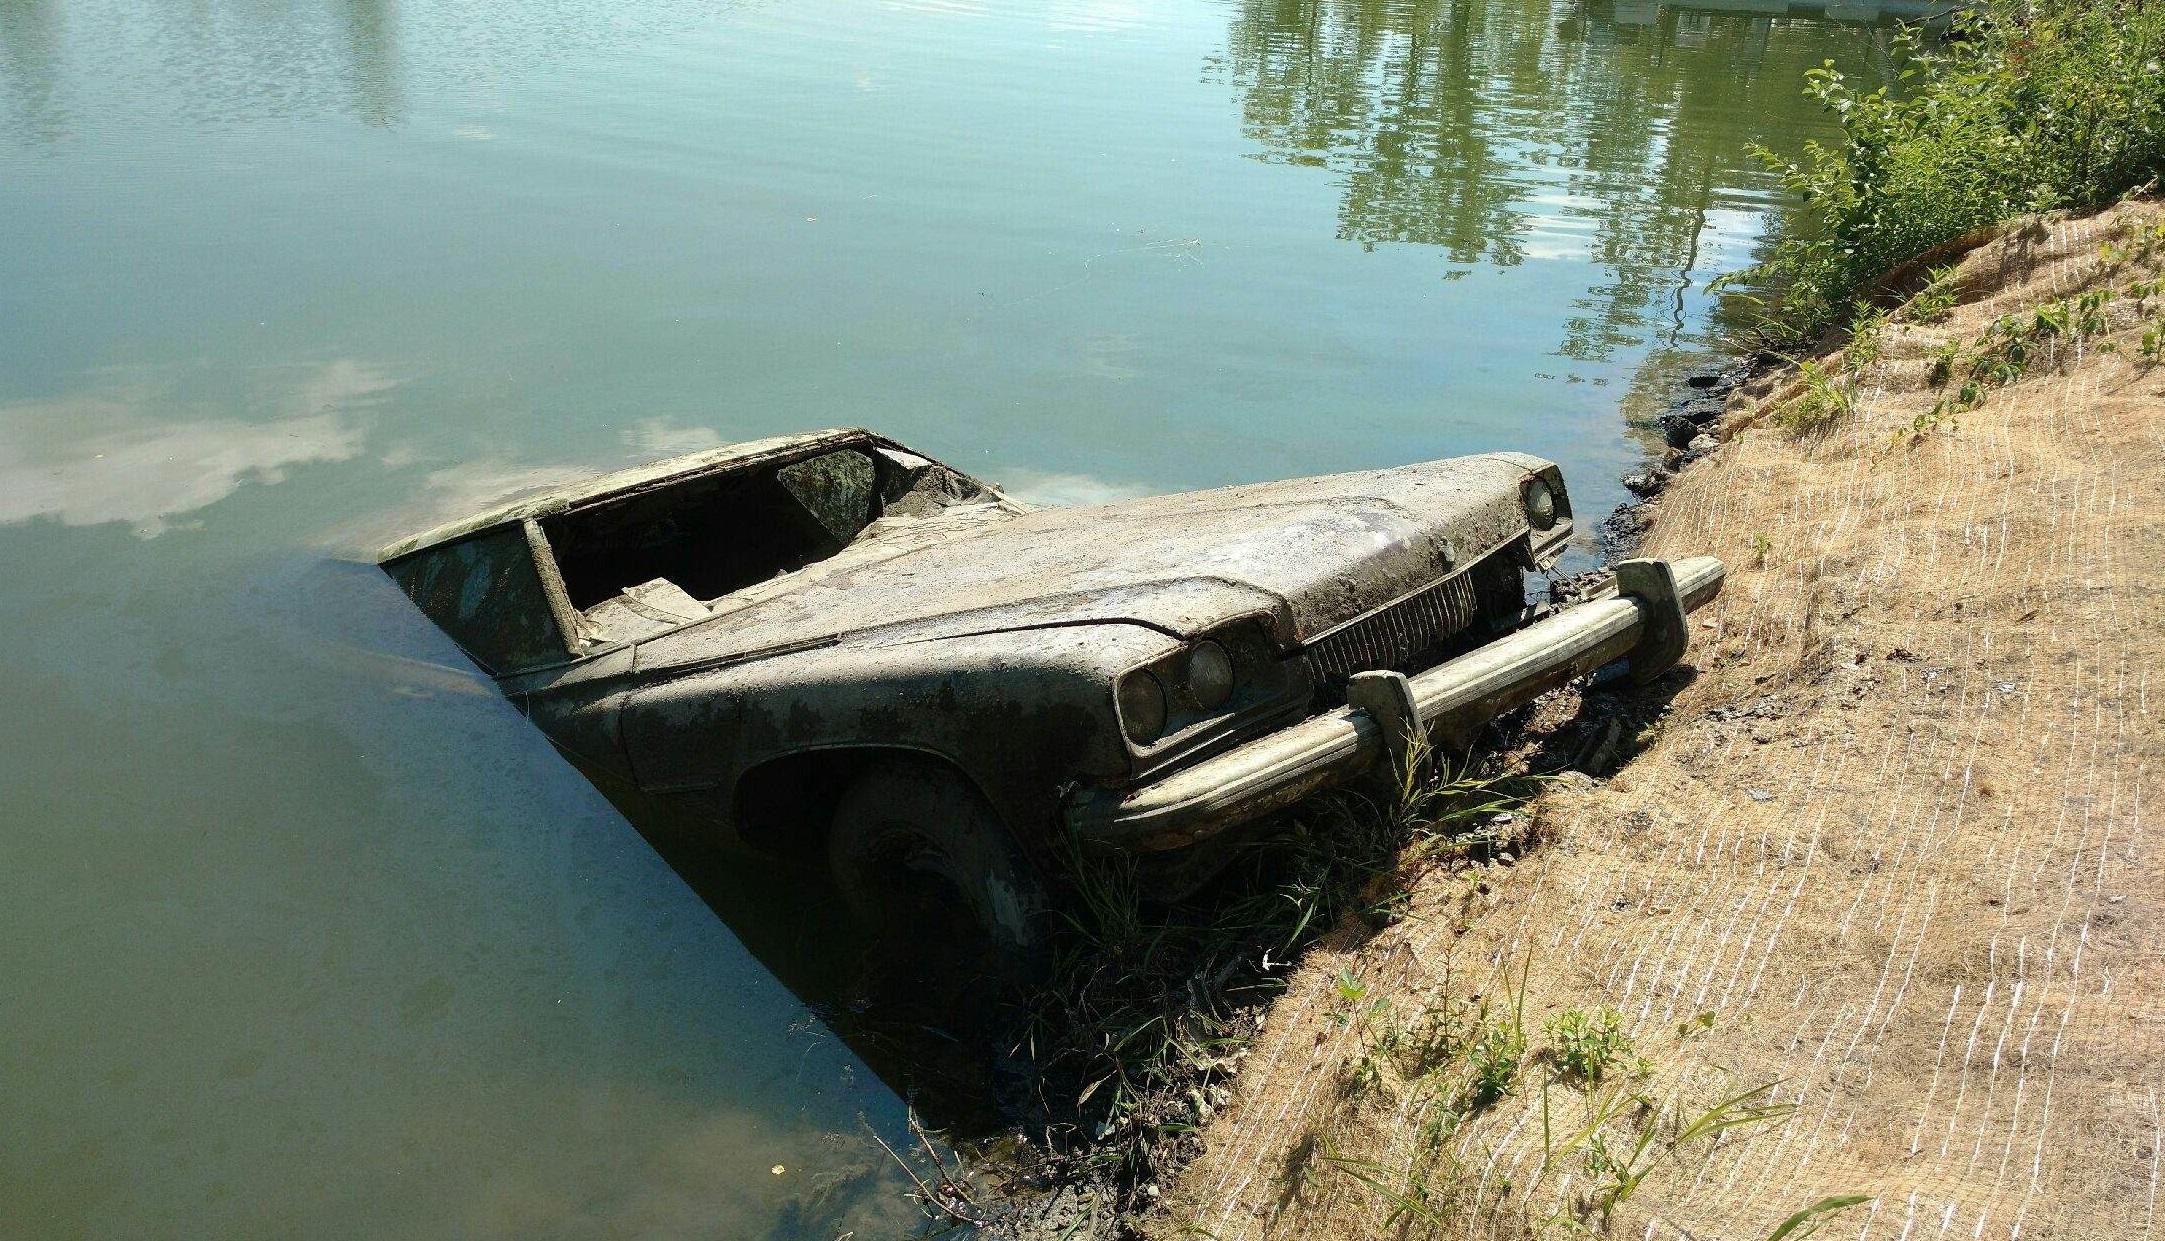 Vytáhli vrak auta z řeky. Co z něj vypadlo, vám vyrazí dech